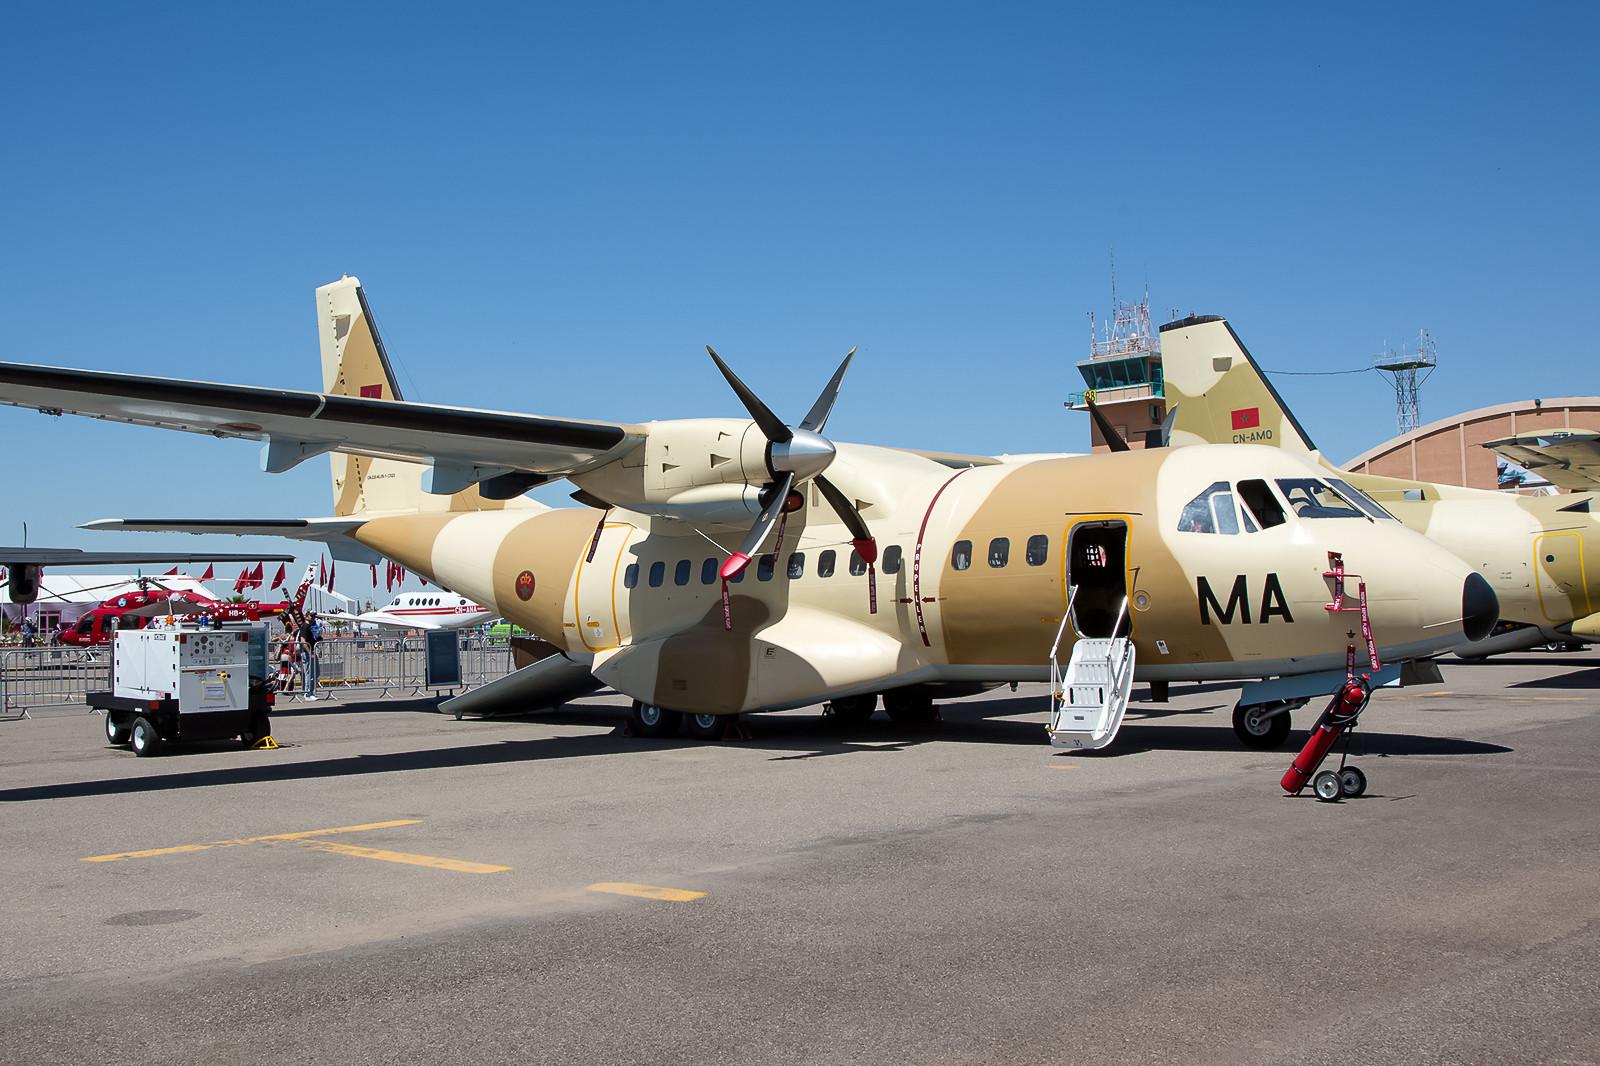 Nicht viele Luftwaffen betreiben bei den kleineren Transportflugzeugen mehrere Muster, hier eine CASA CN- 235M aus Kenitra.